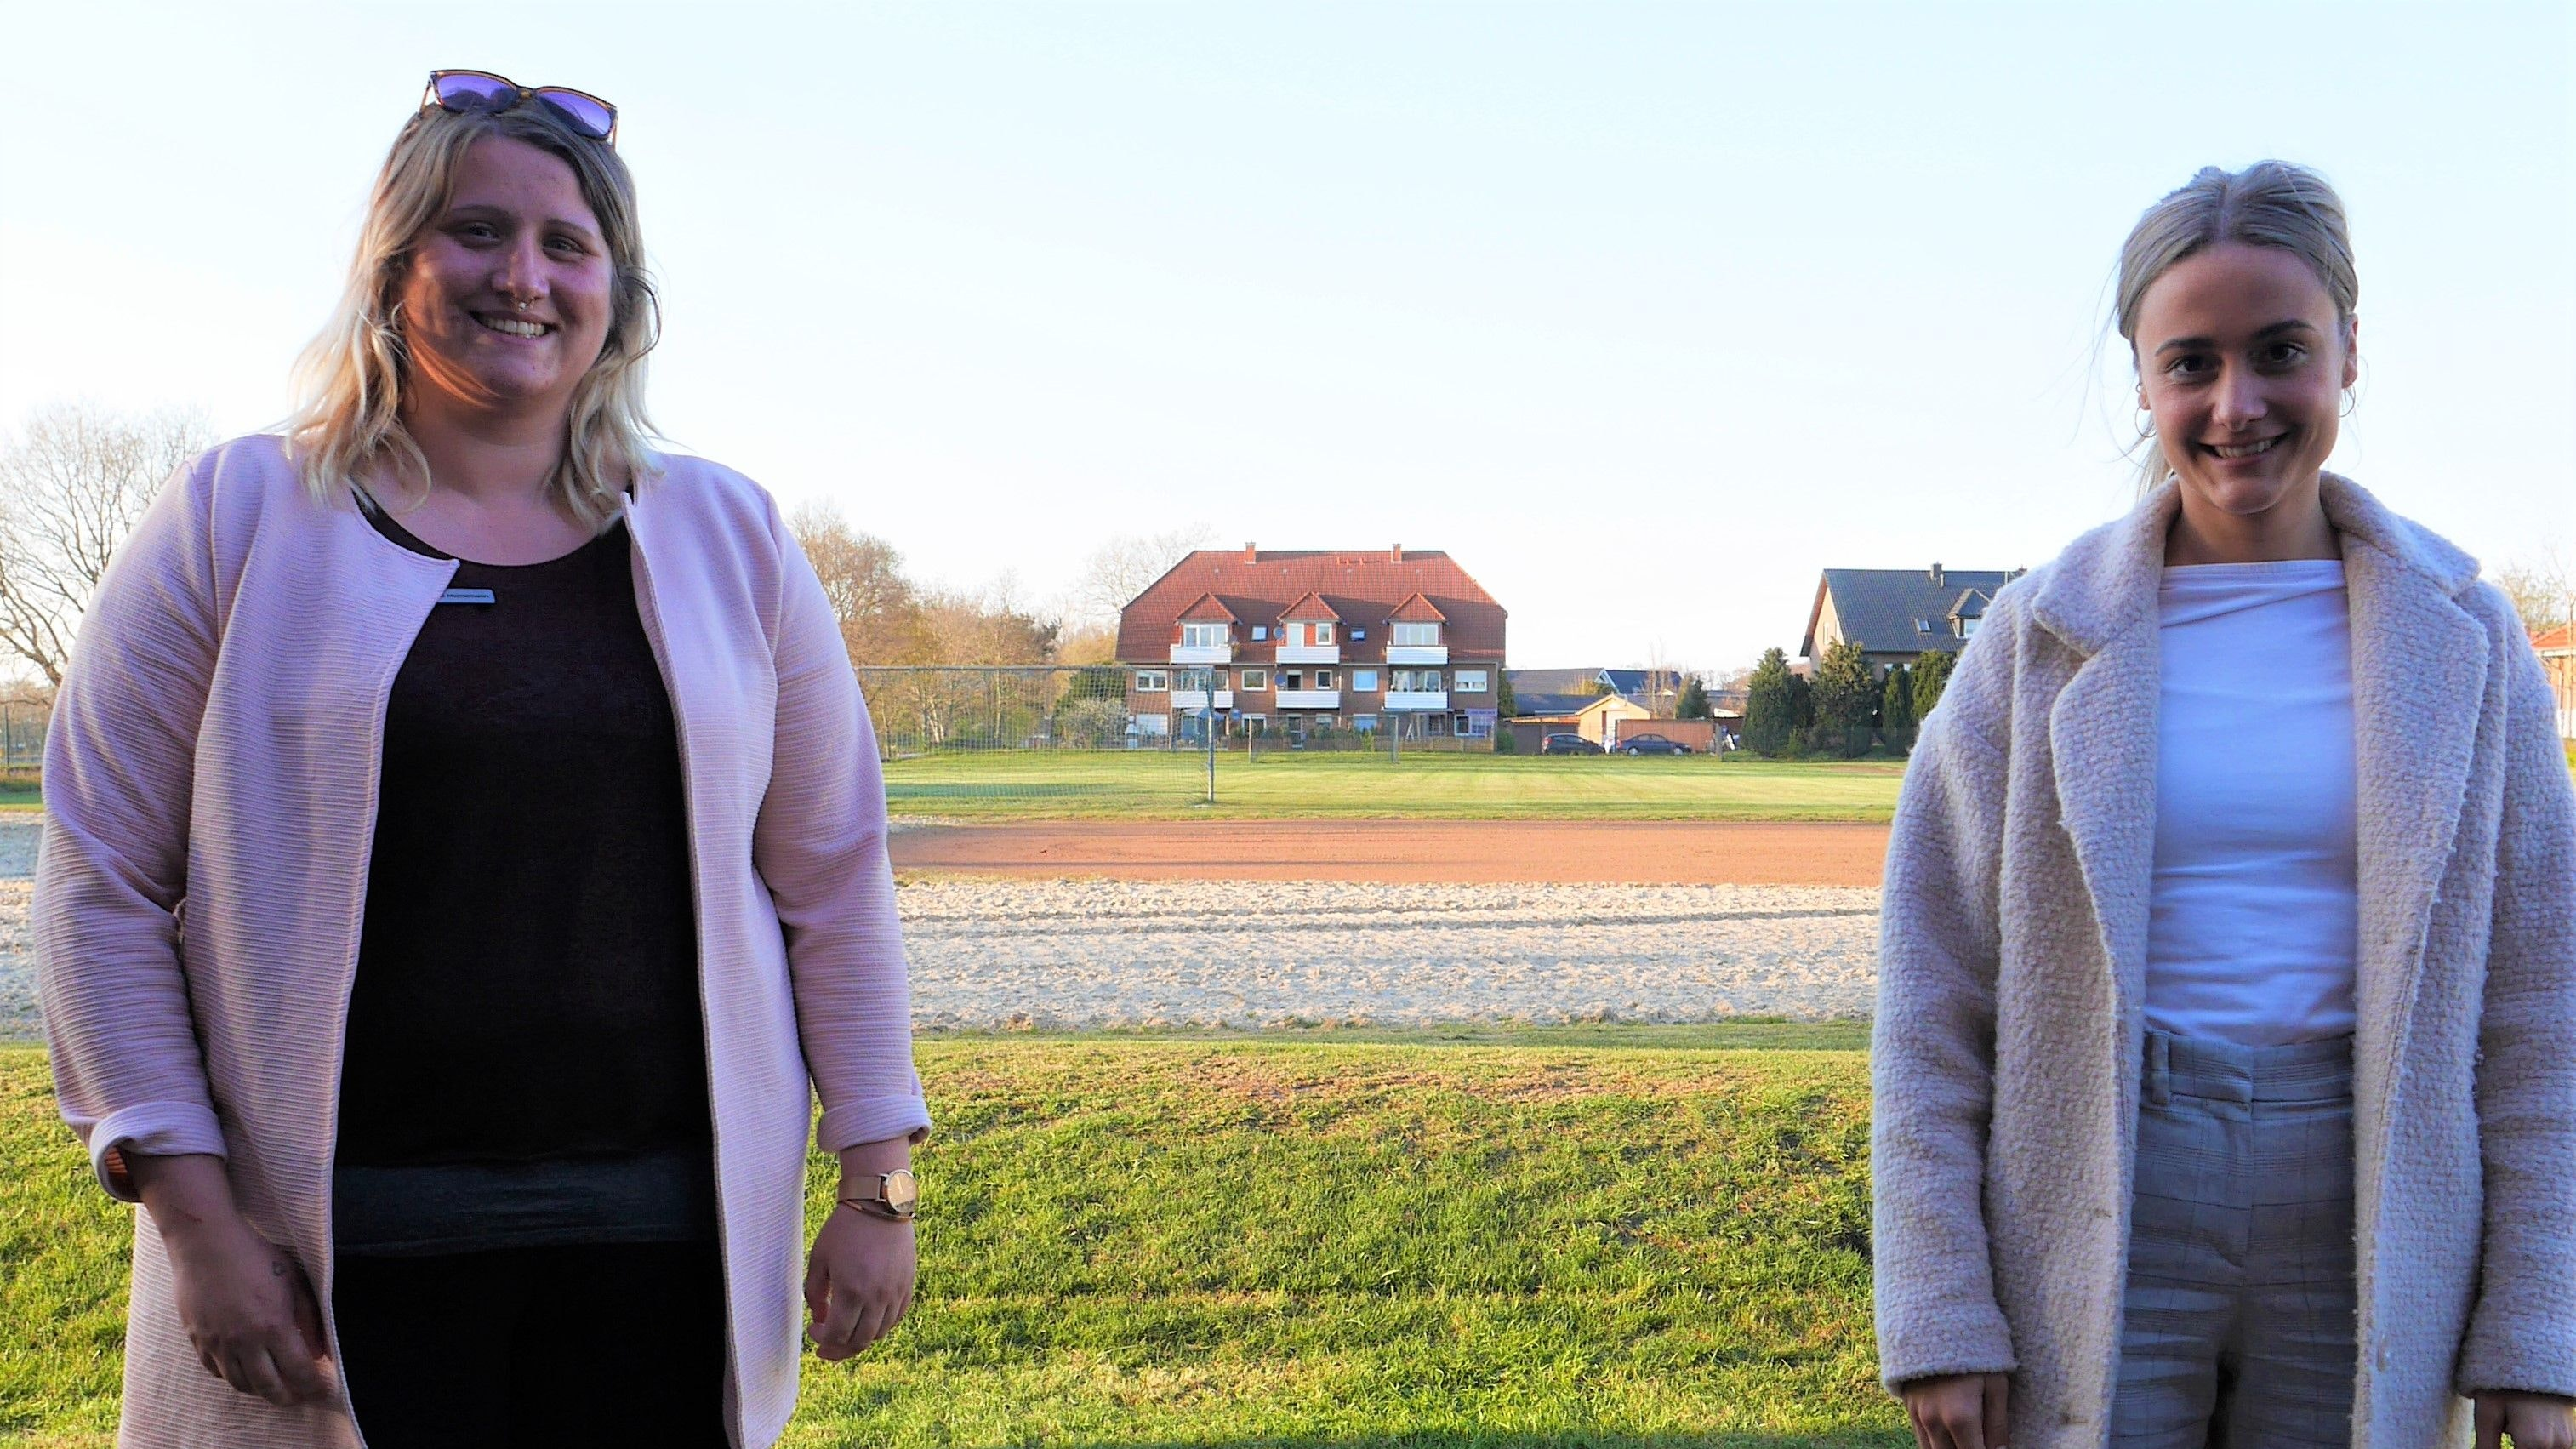 Nur wegen der Pandemie: Katharina Hornemann (links) und Franziska Hinterding gehen fürs Foto auf Distanz, arbeiten sonst aber sehr gut zusammen. Foto: Schmutte